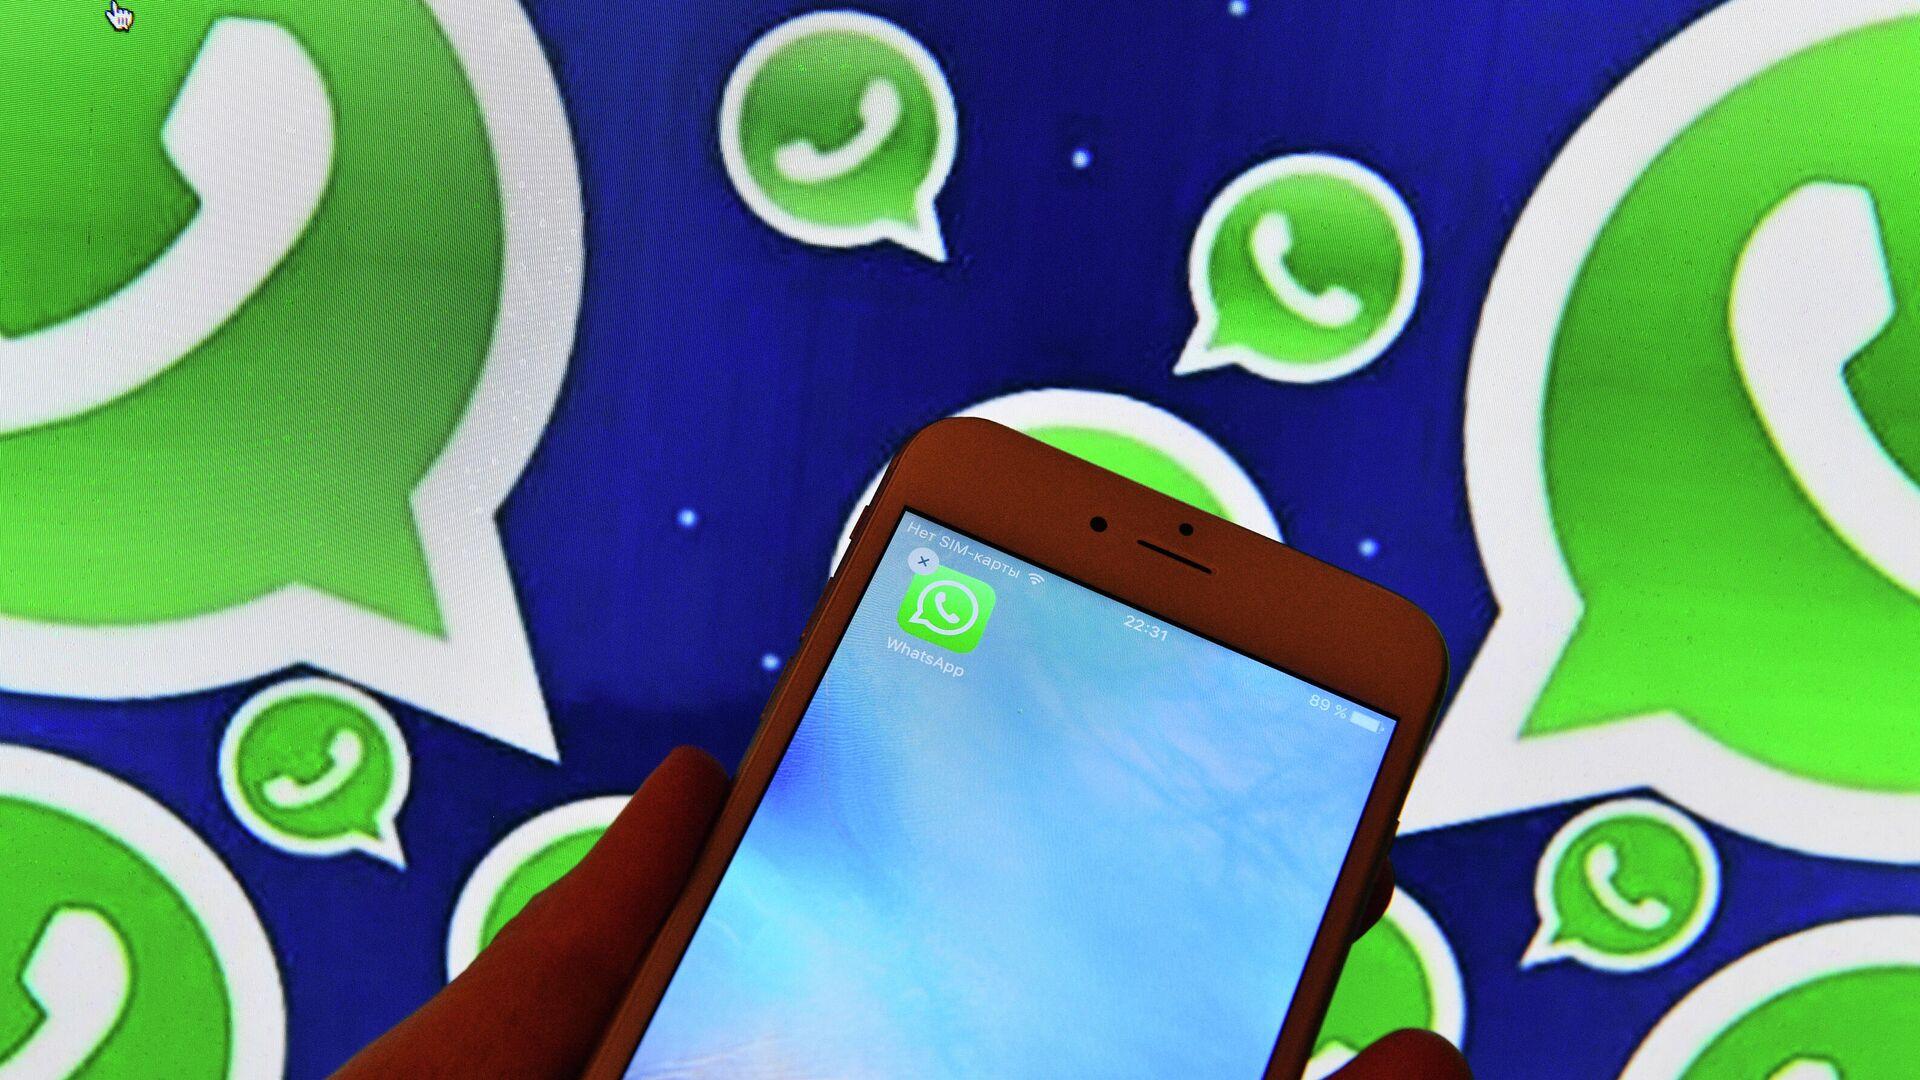 Иконка мессенджера WhatsApp на экране смартфона - РИА Новости, 1920, 25.06.2021